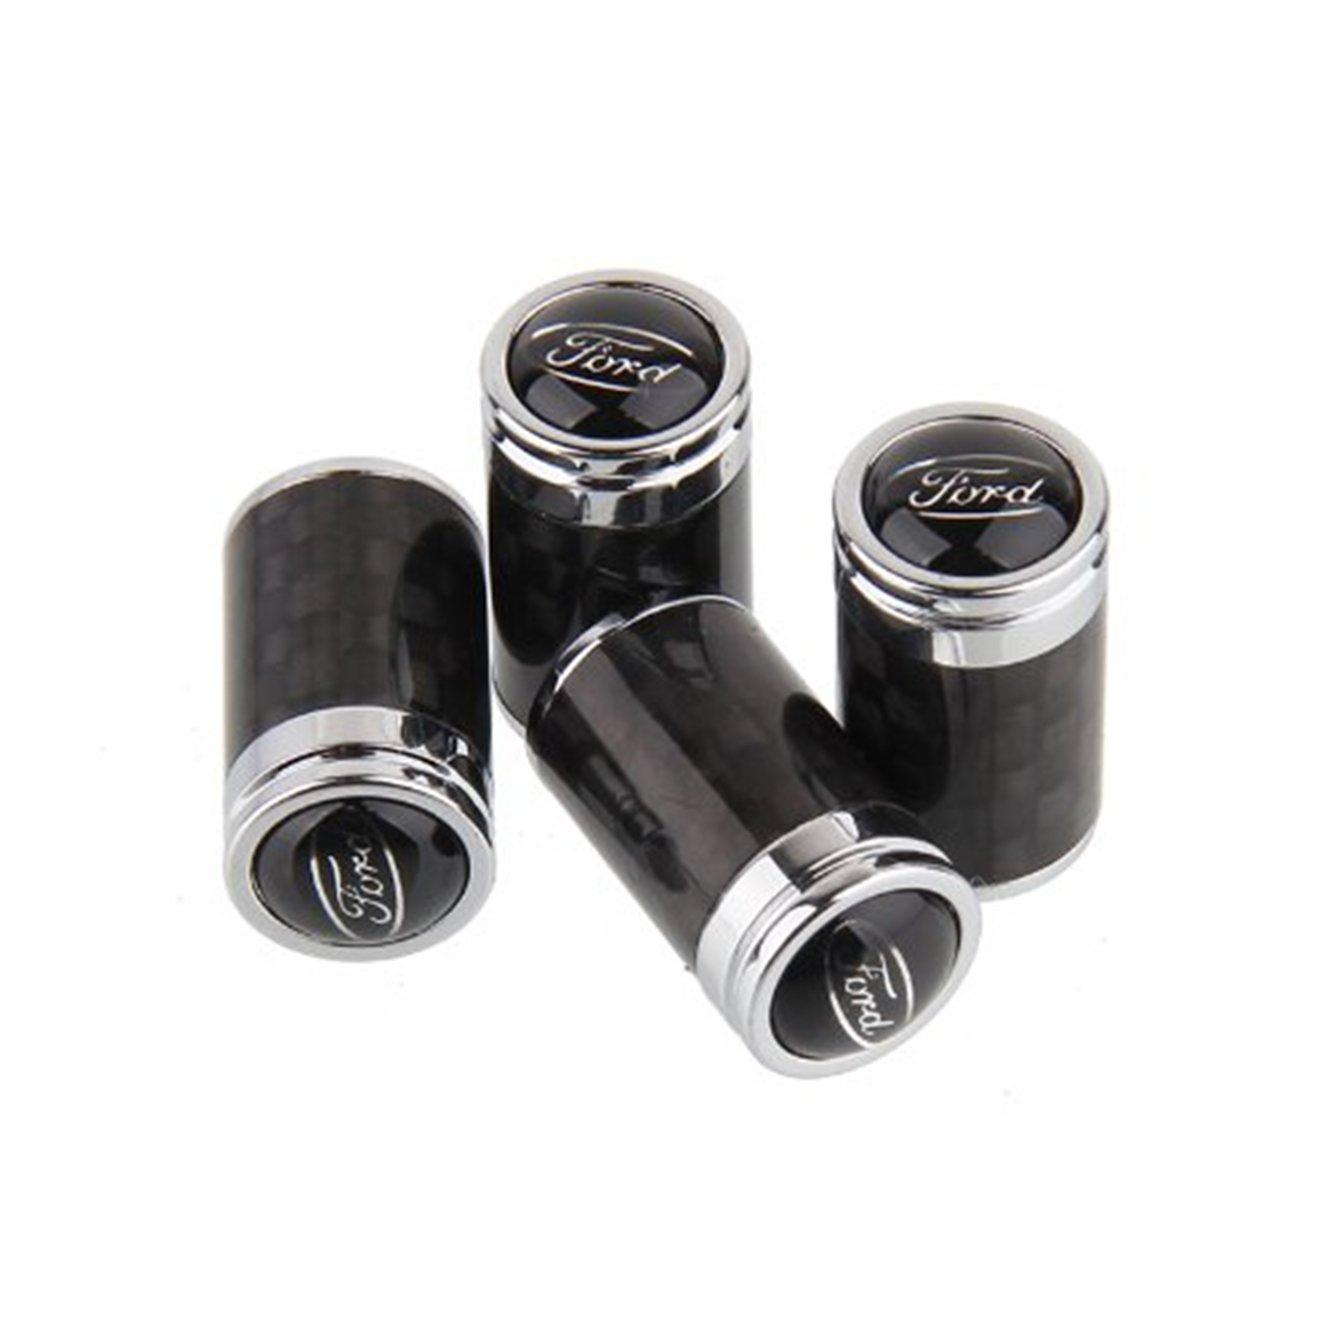 4pcs Carbon Fiber Auto Car Wheel Tire Air Valve Caps Stem Cover fit for Ford